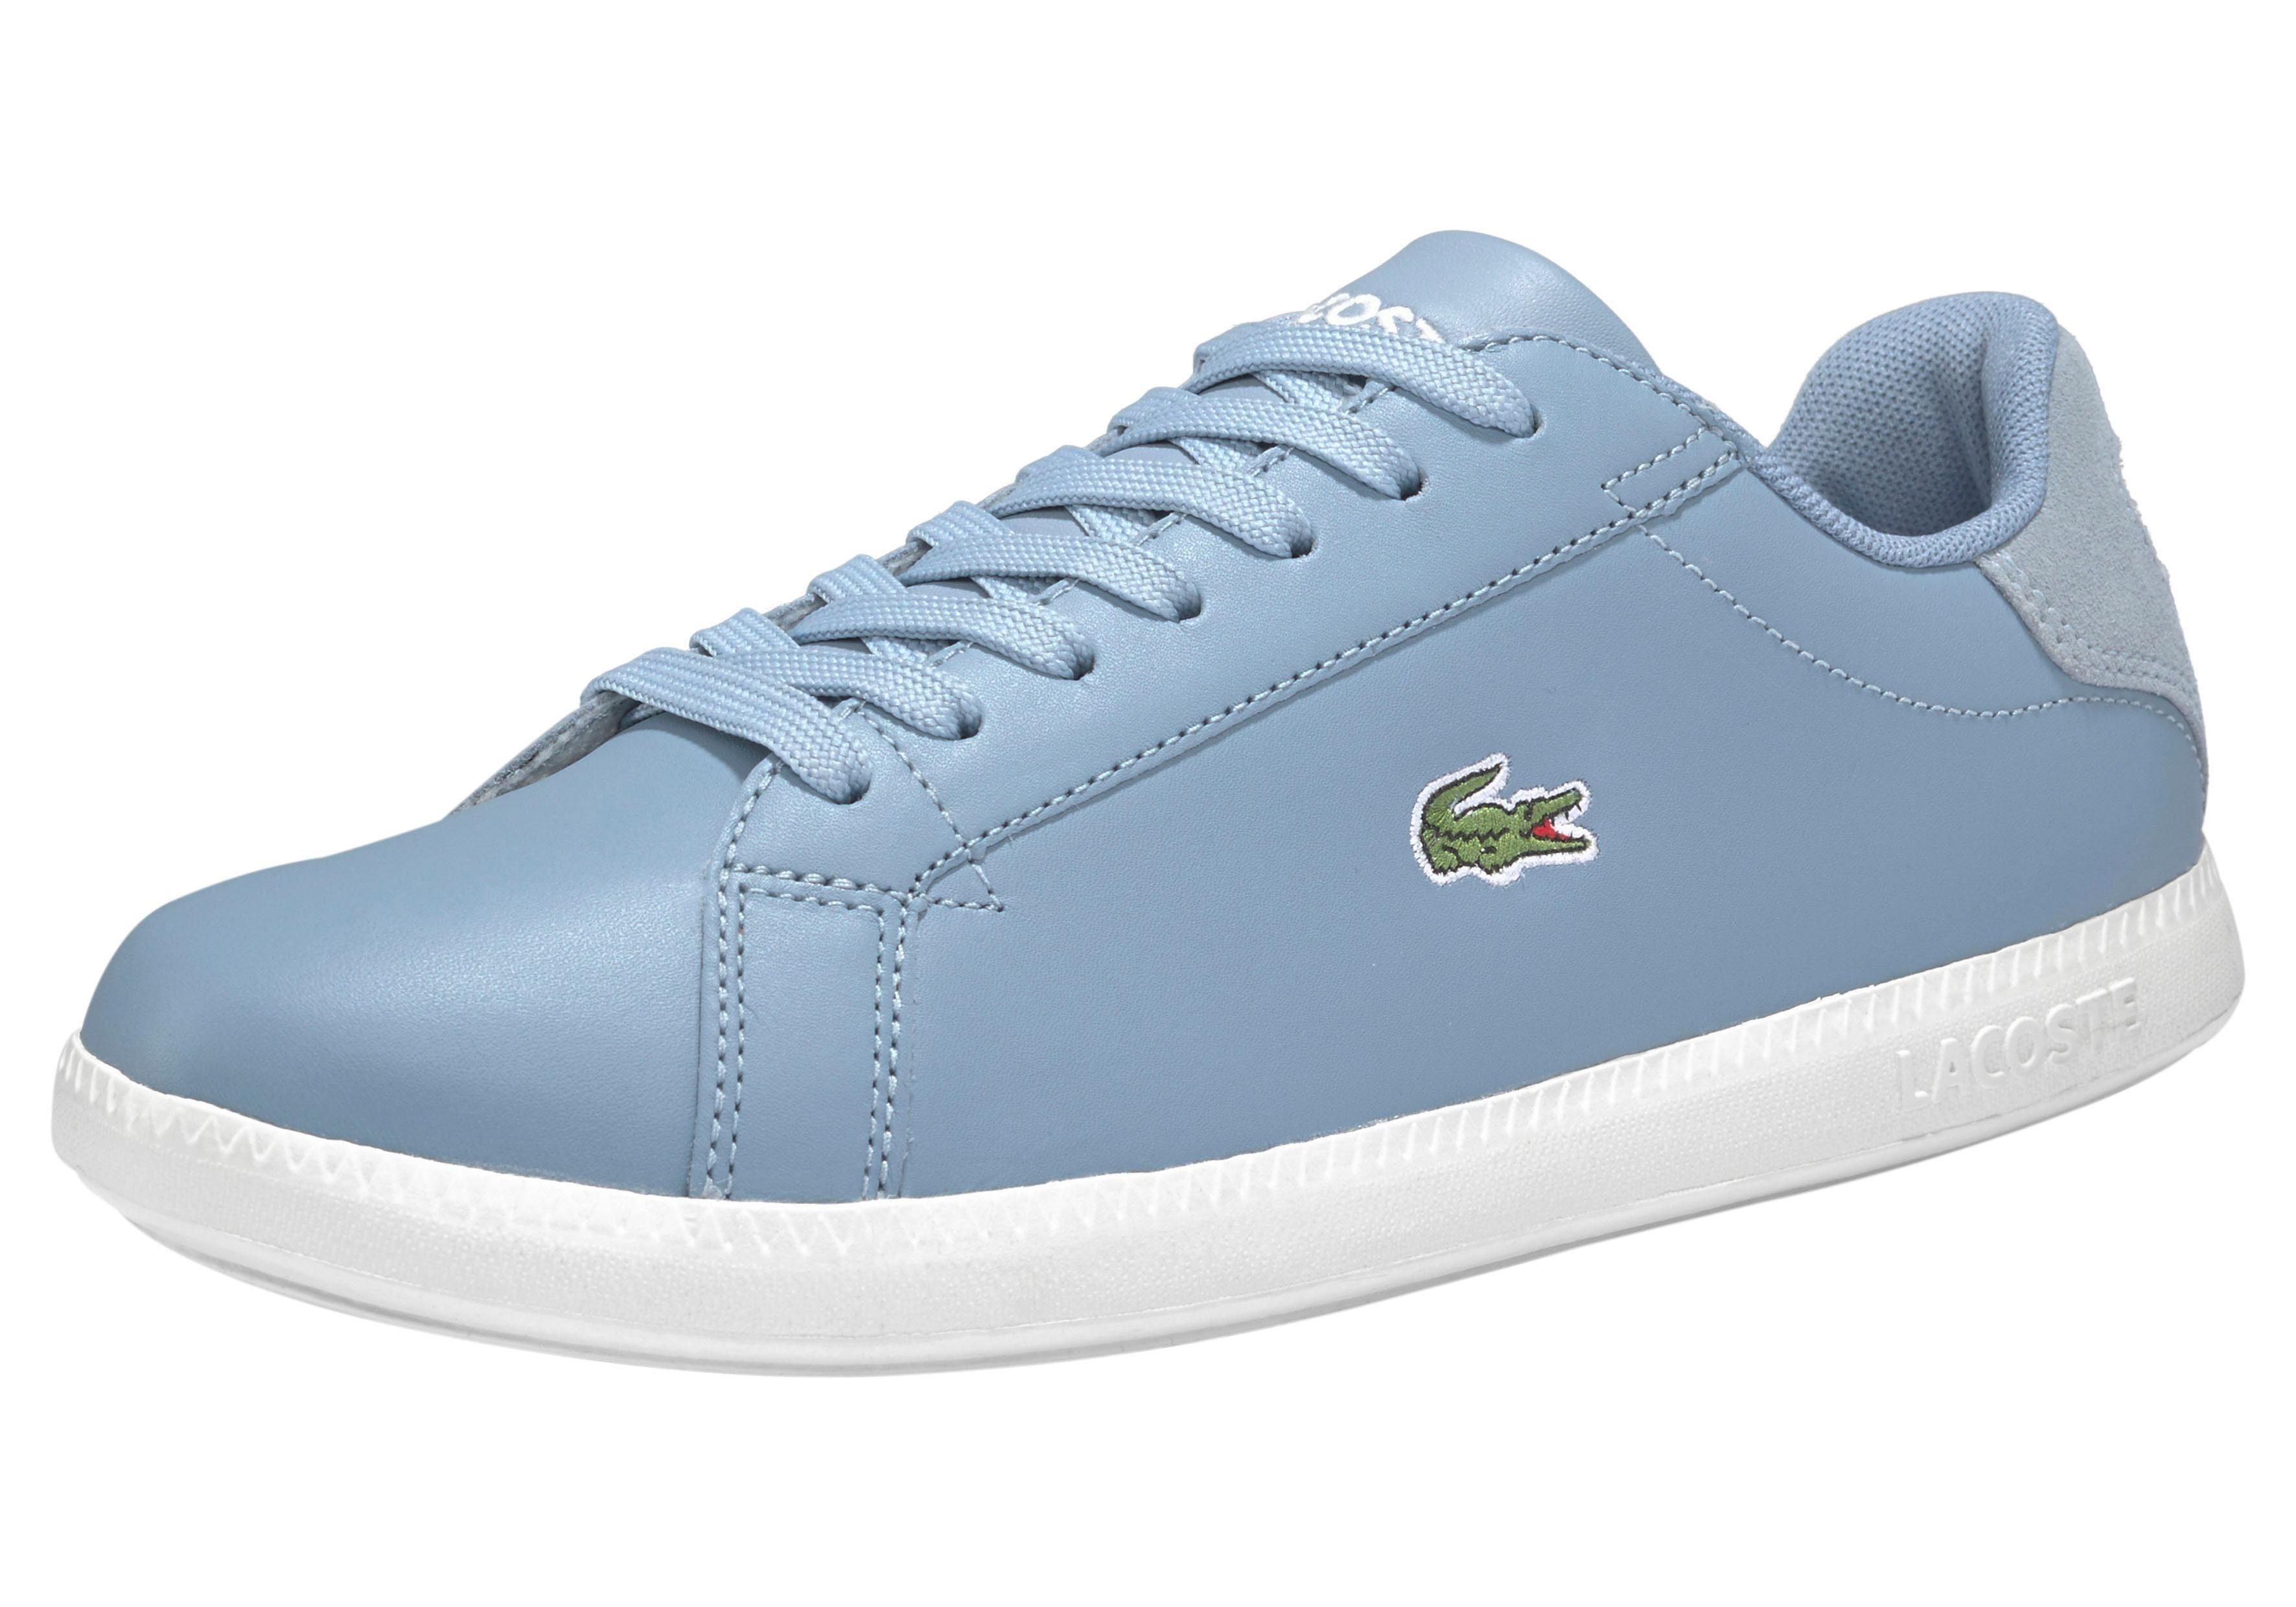 Lacoste Otto 418 Je Koop 1« Sneakers Bij »graduate 6gwpF4x6